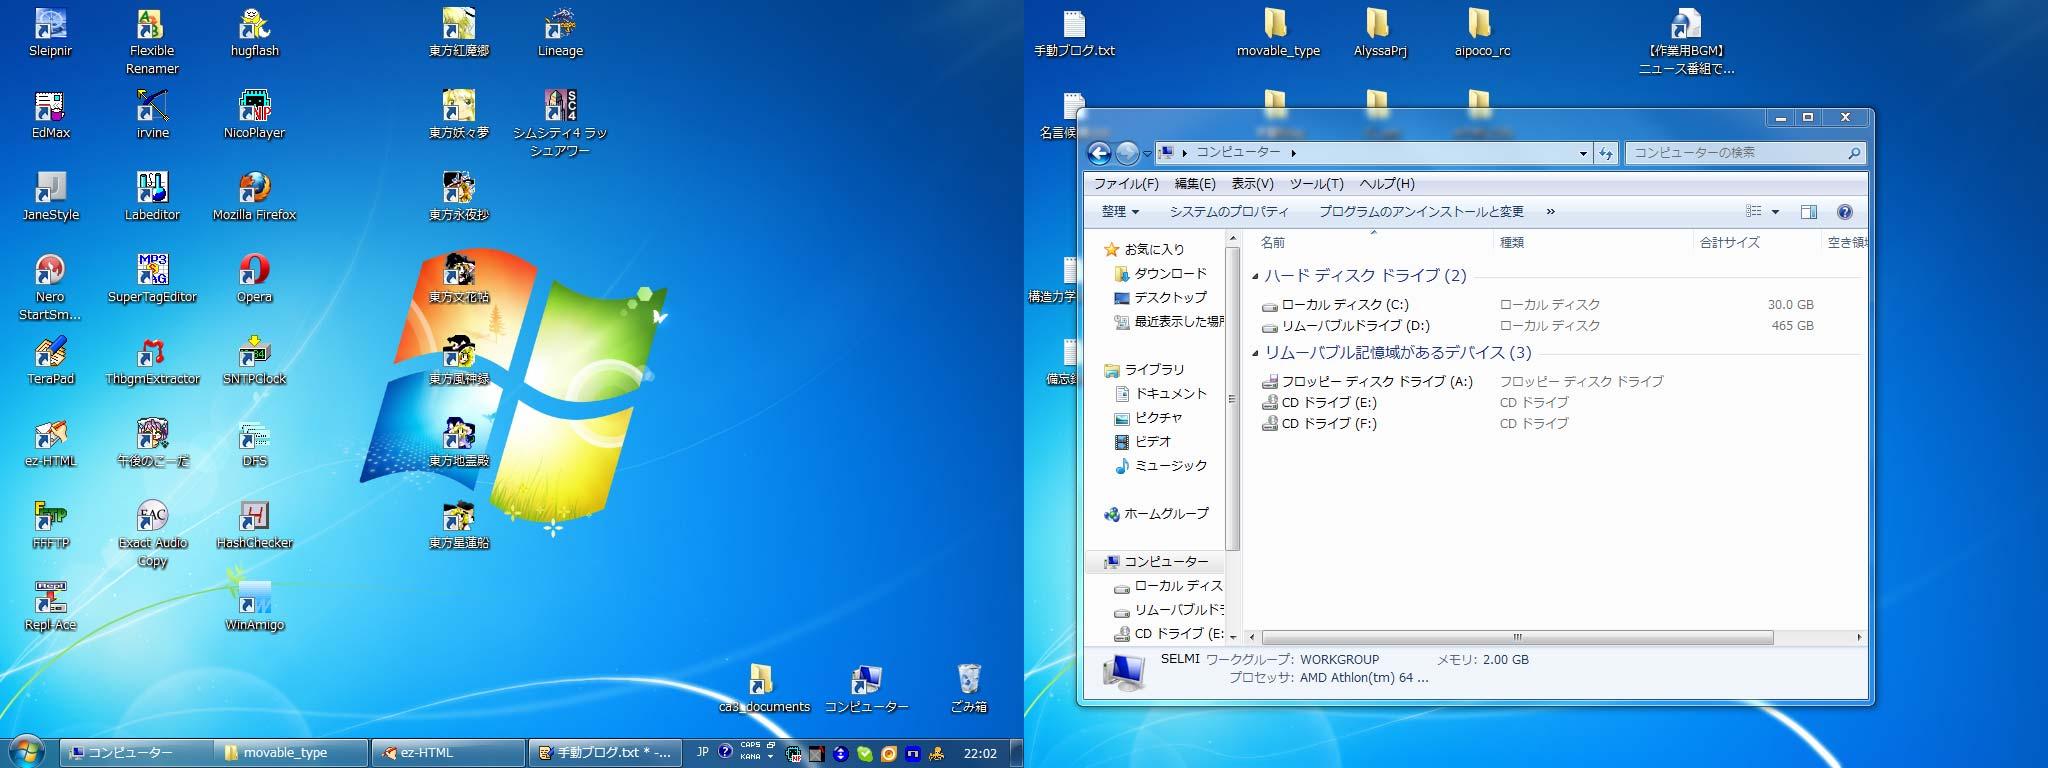 【SS: Windows7】